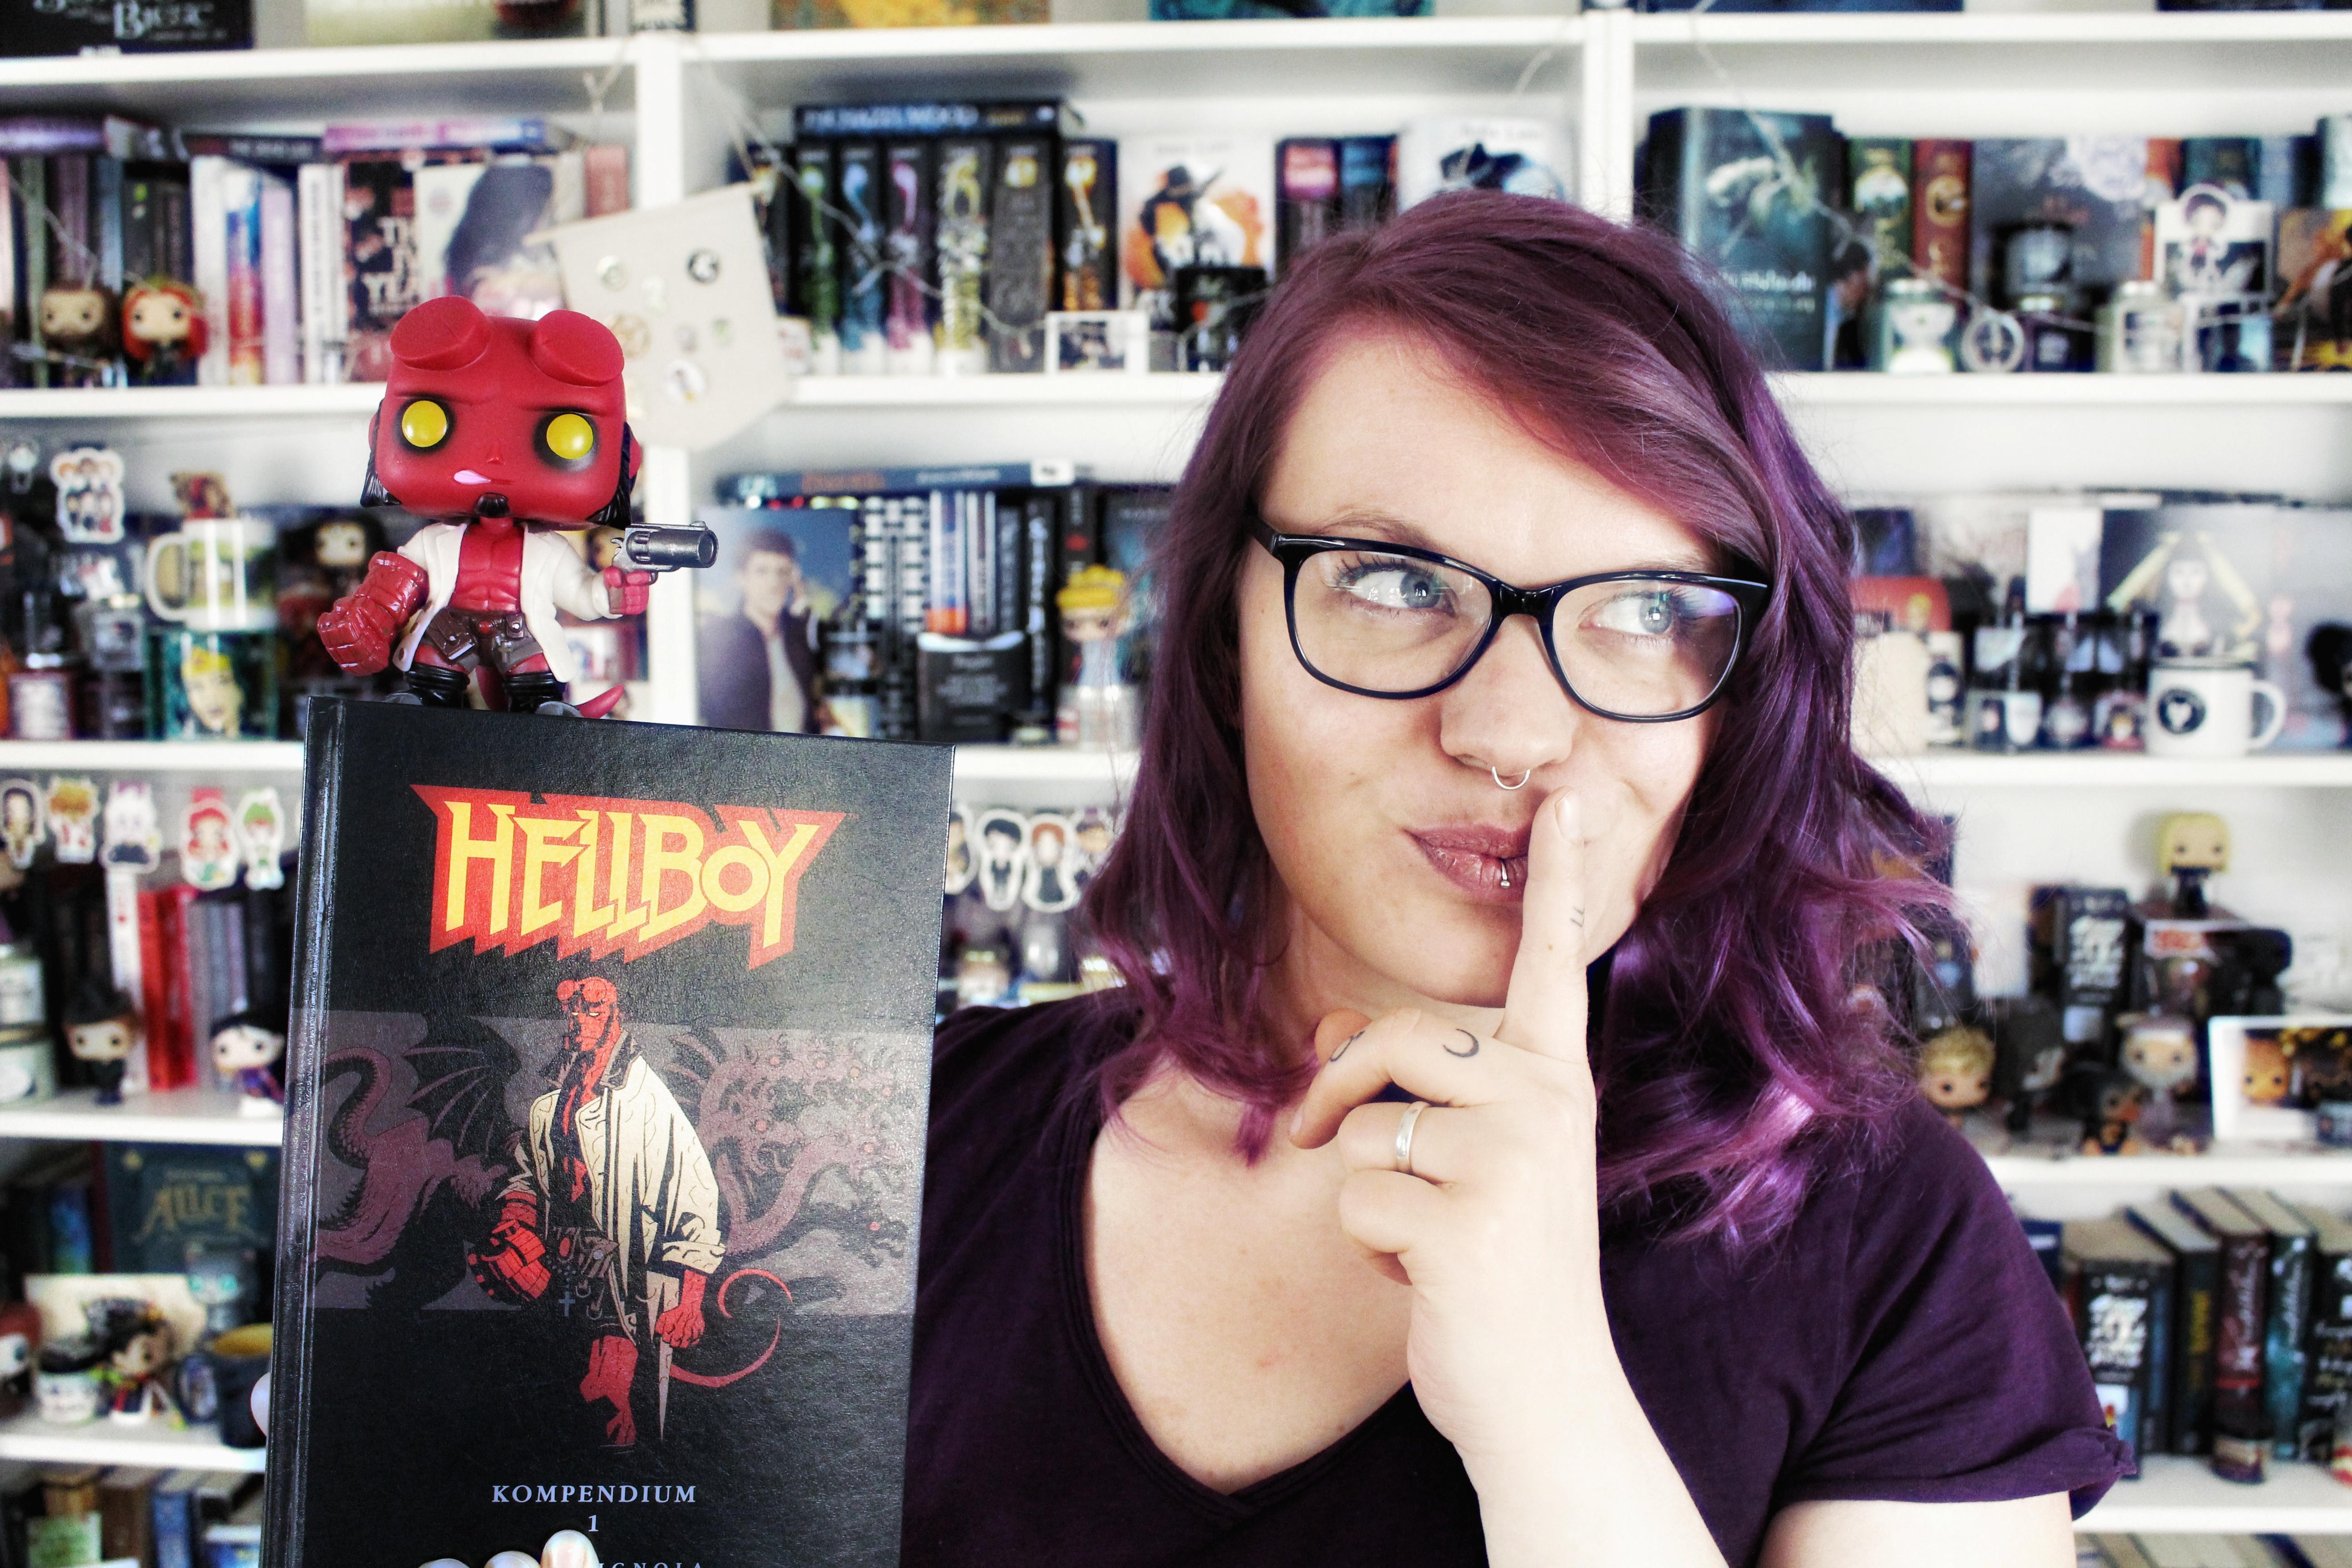 [Wochenrückblick] Hellboy is back!